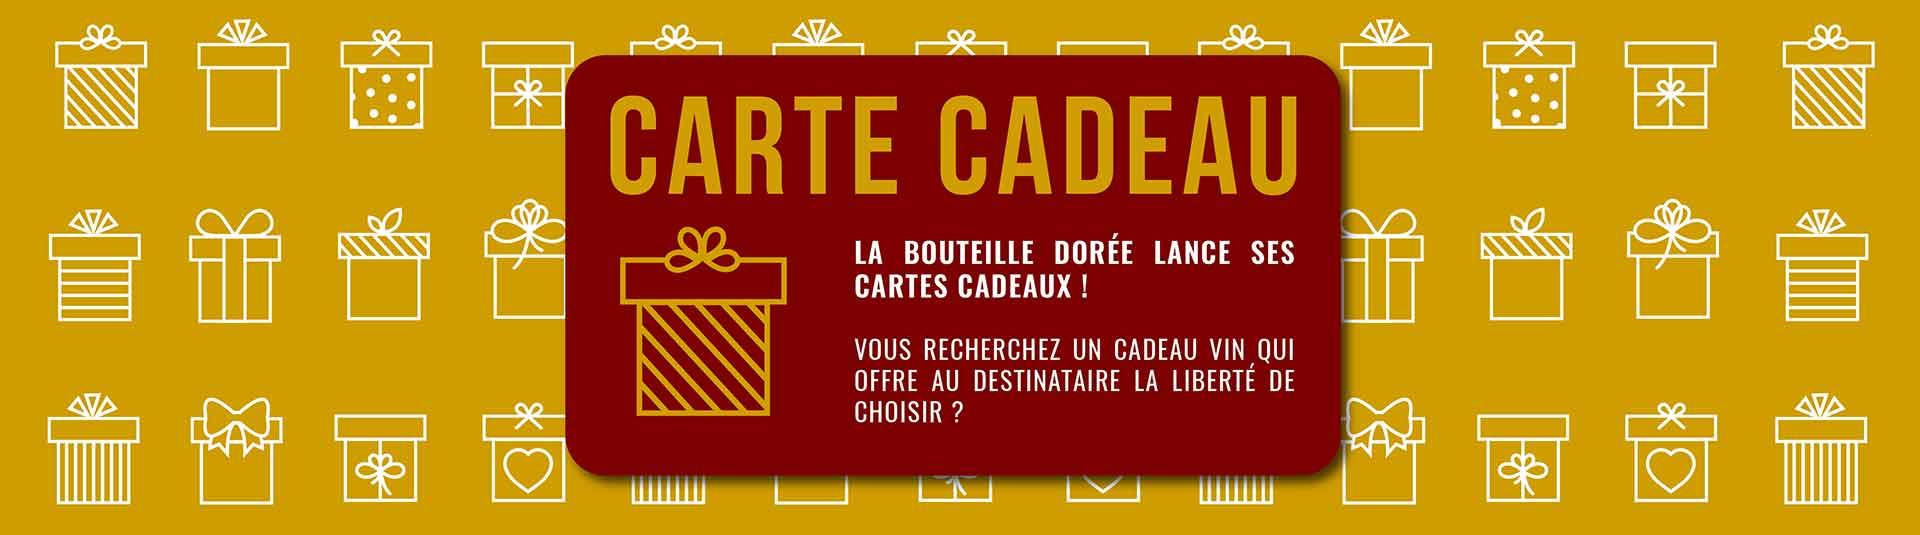 Cartes cadeaux vins et chèques cadeaux vins La Bouteille Dorée